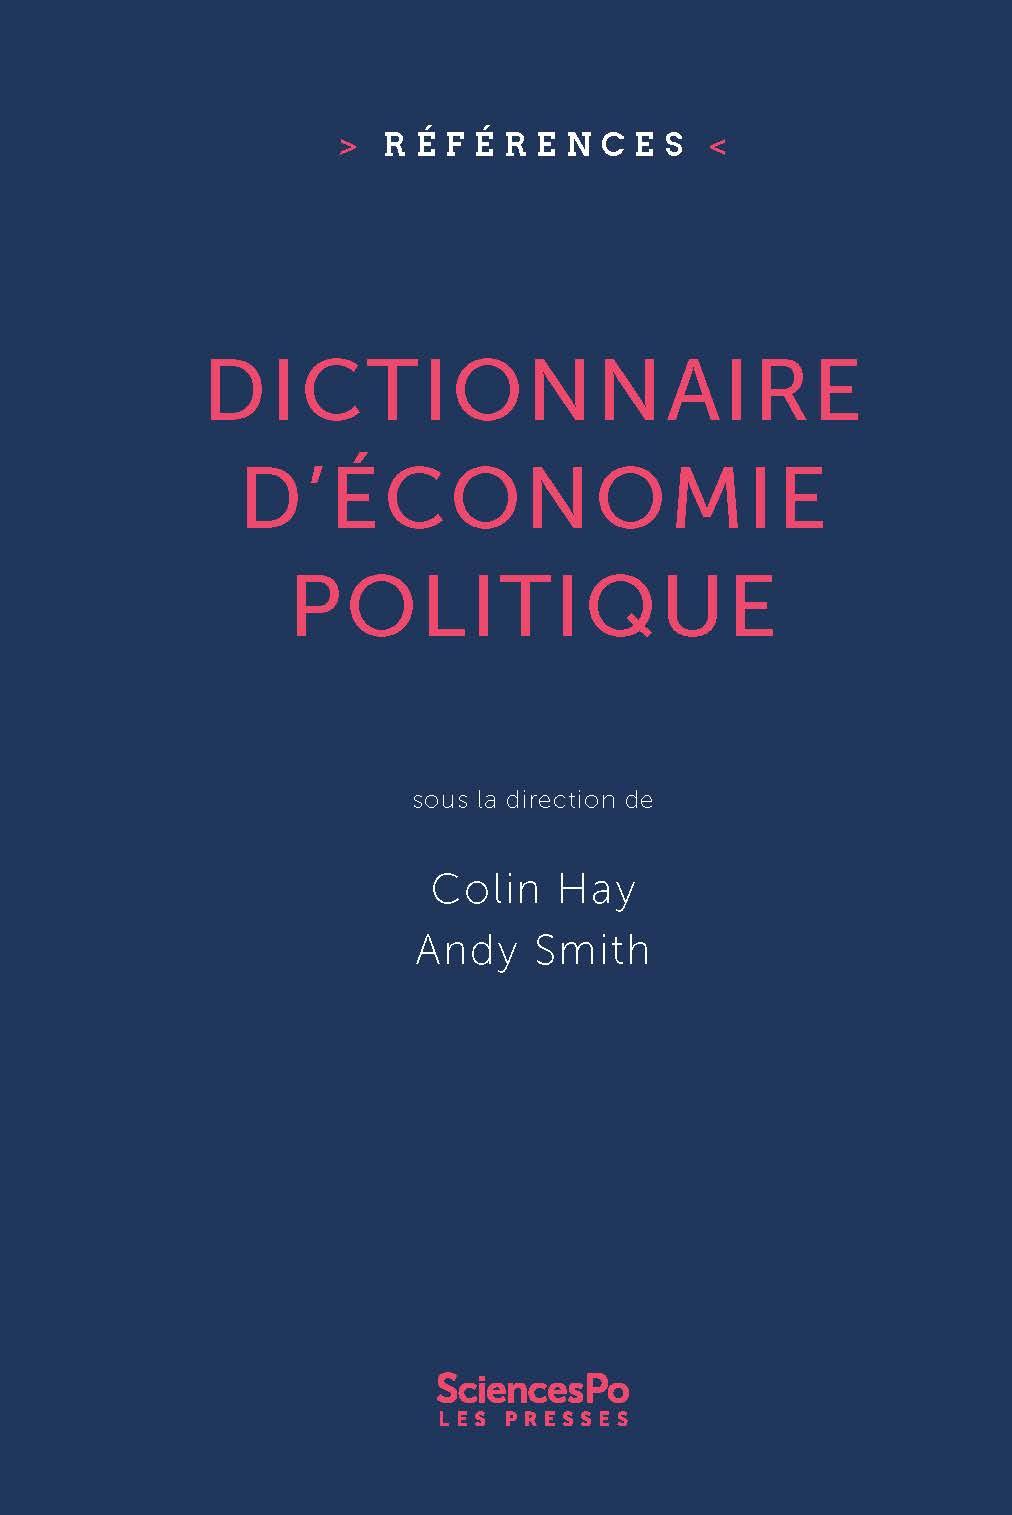 Dictionnaire d'économie pol...